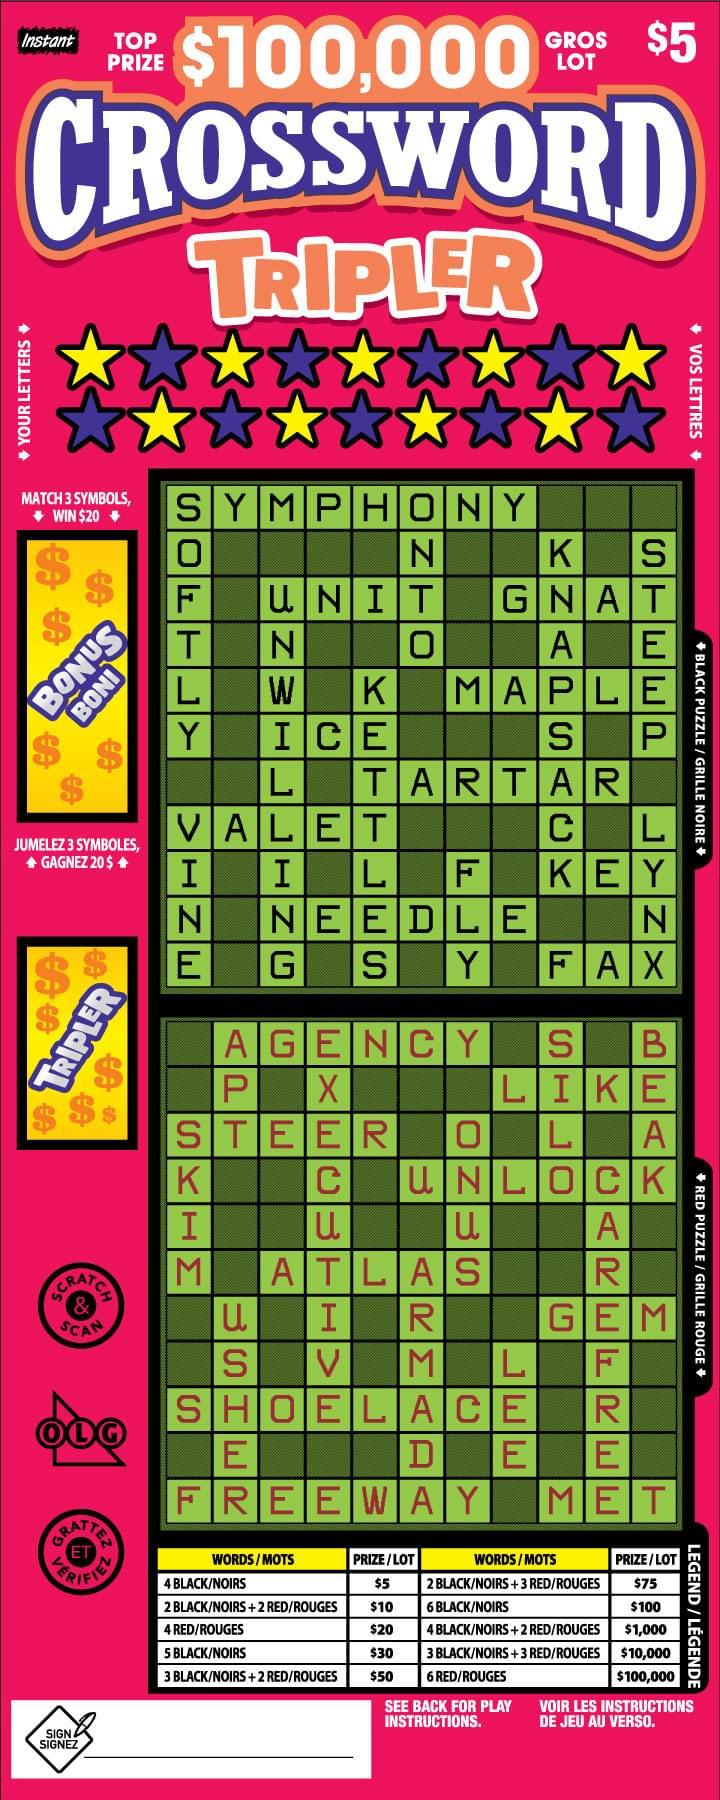 Crossword Tripler Ticket